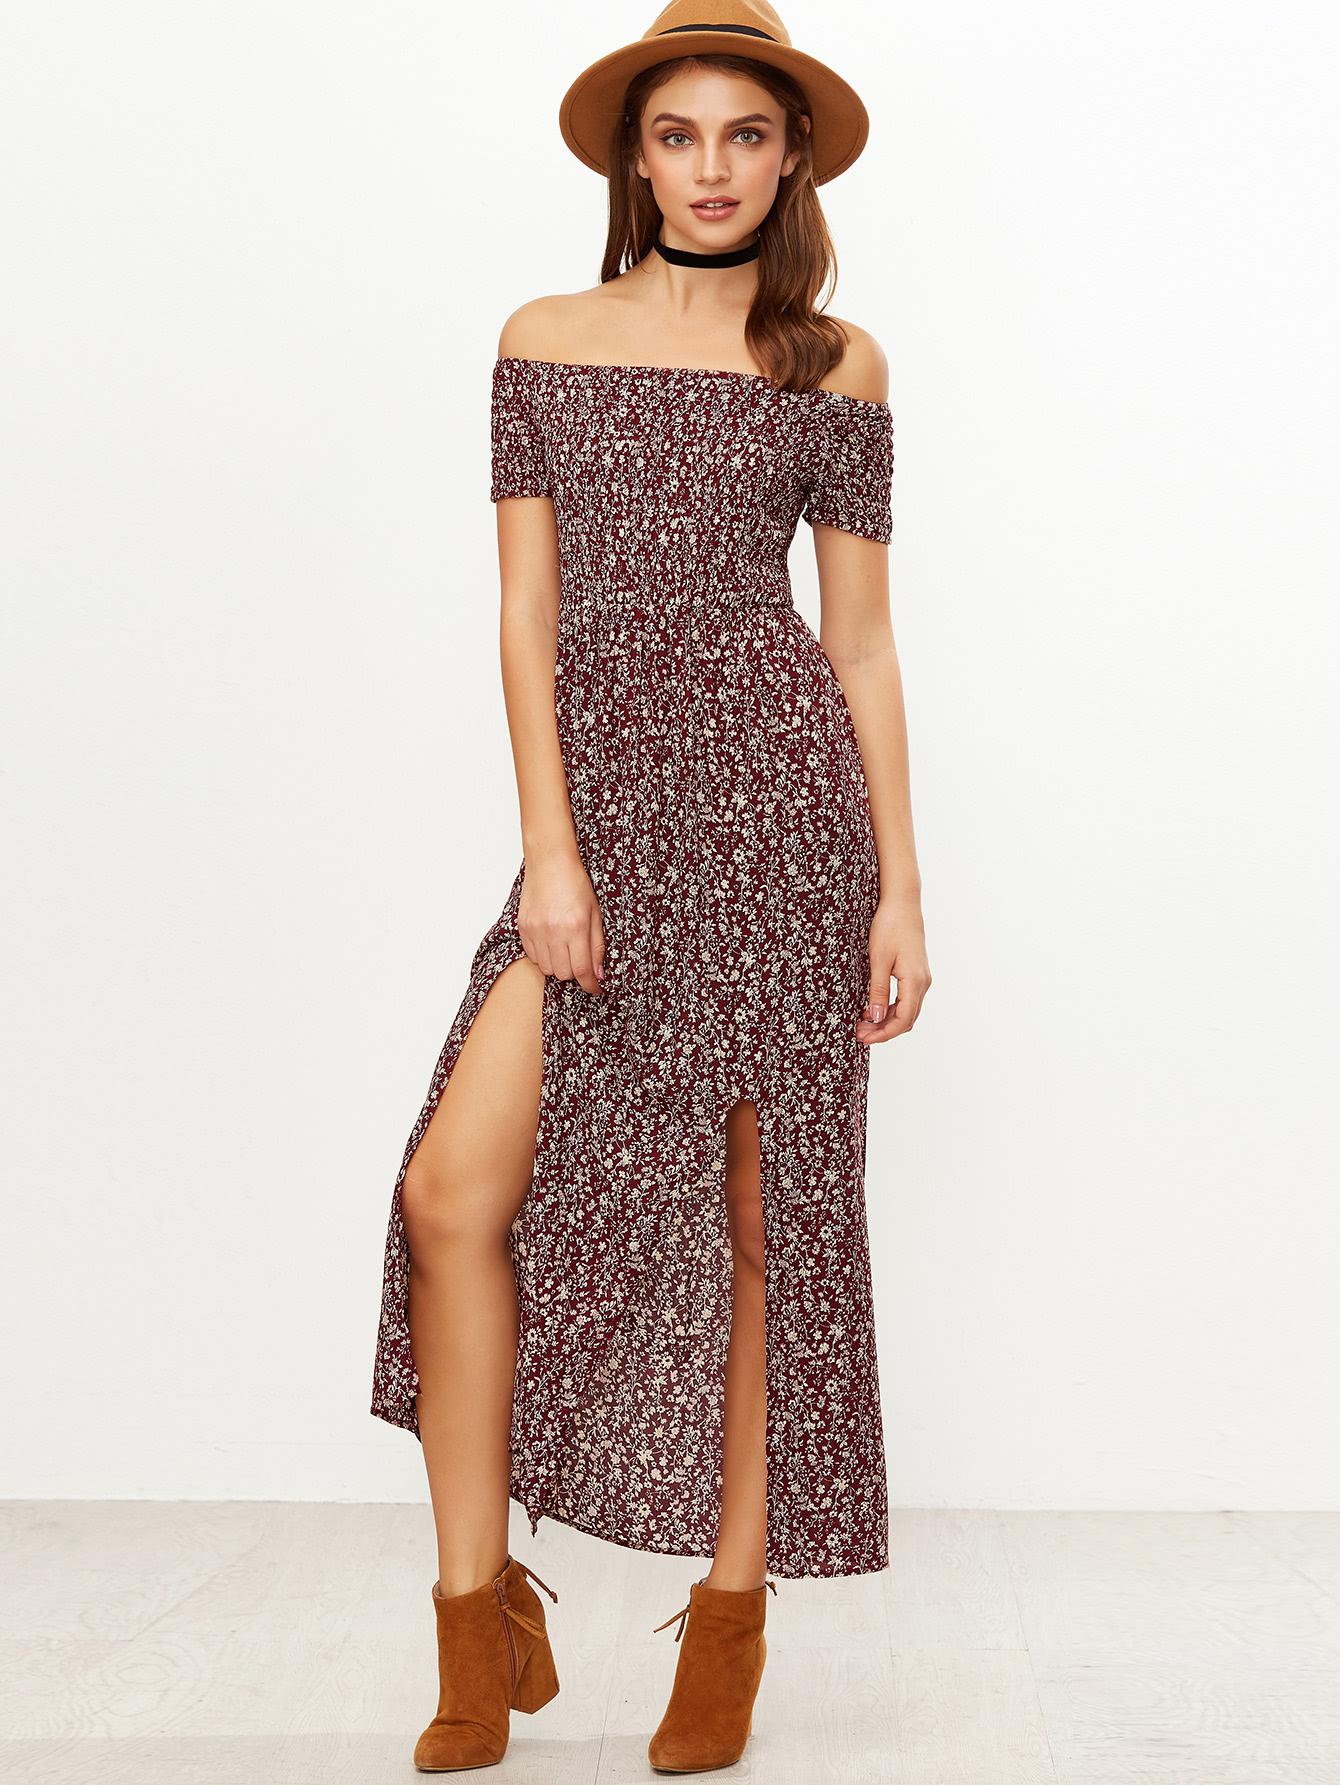 Summer dress canada 1 dollar